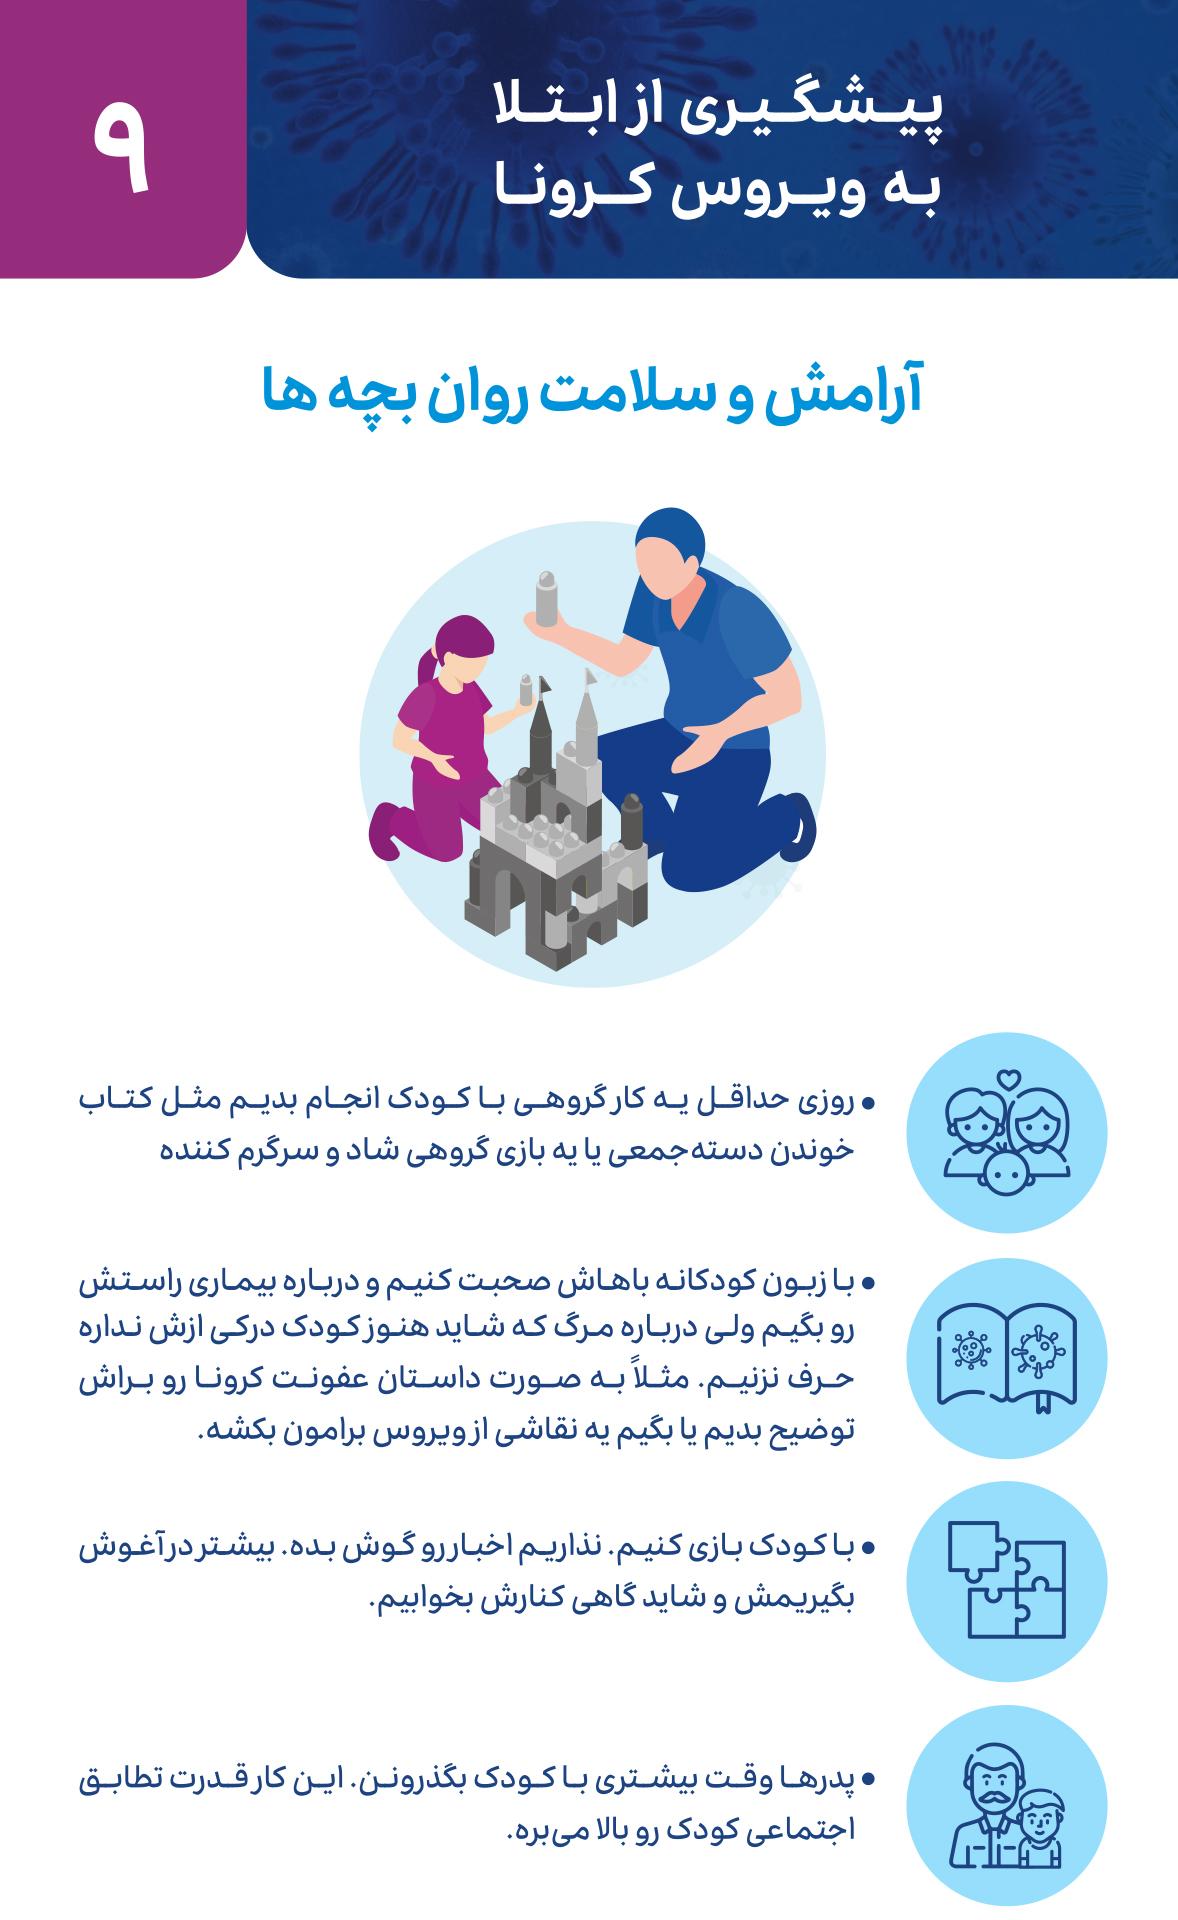 متخصص زنان اصفهان آرامش و سلامت روان بچه ها